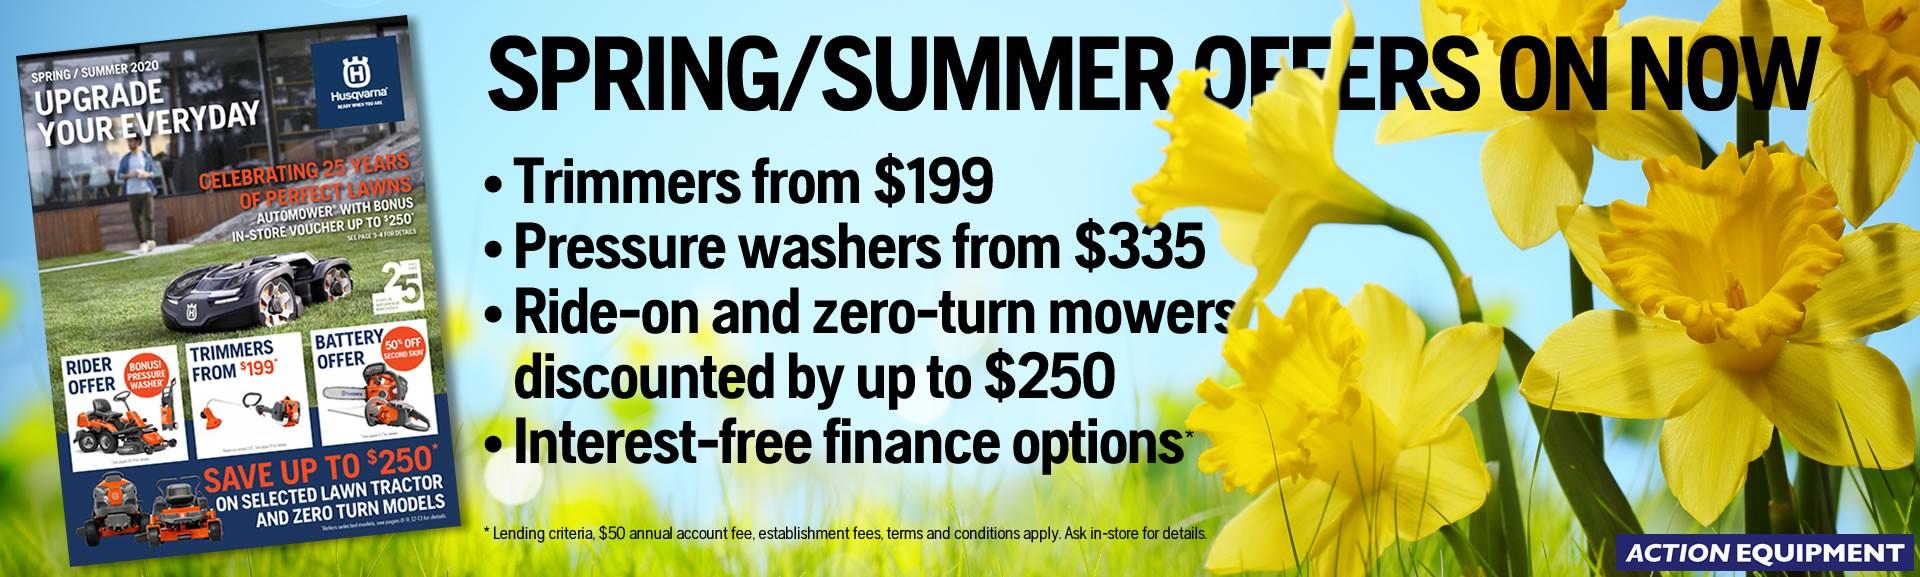 Husqvarna Spring Savings 2020